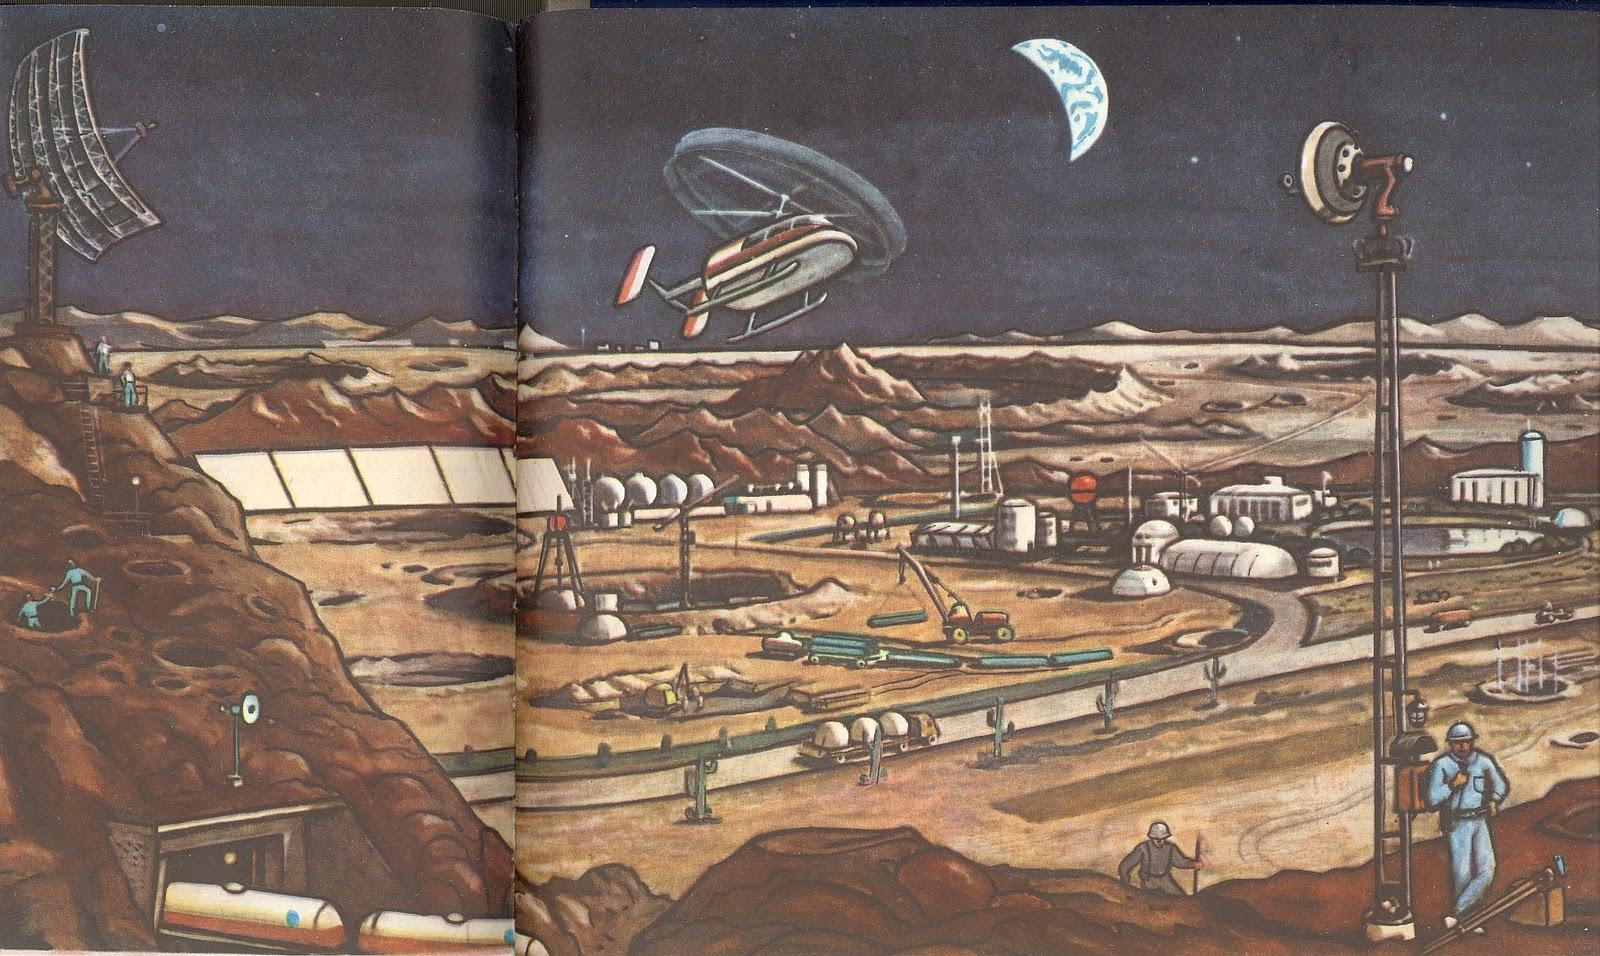 sovyetler-birligi-uzay07